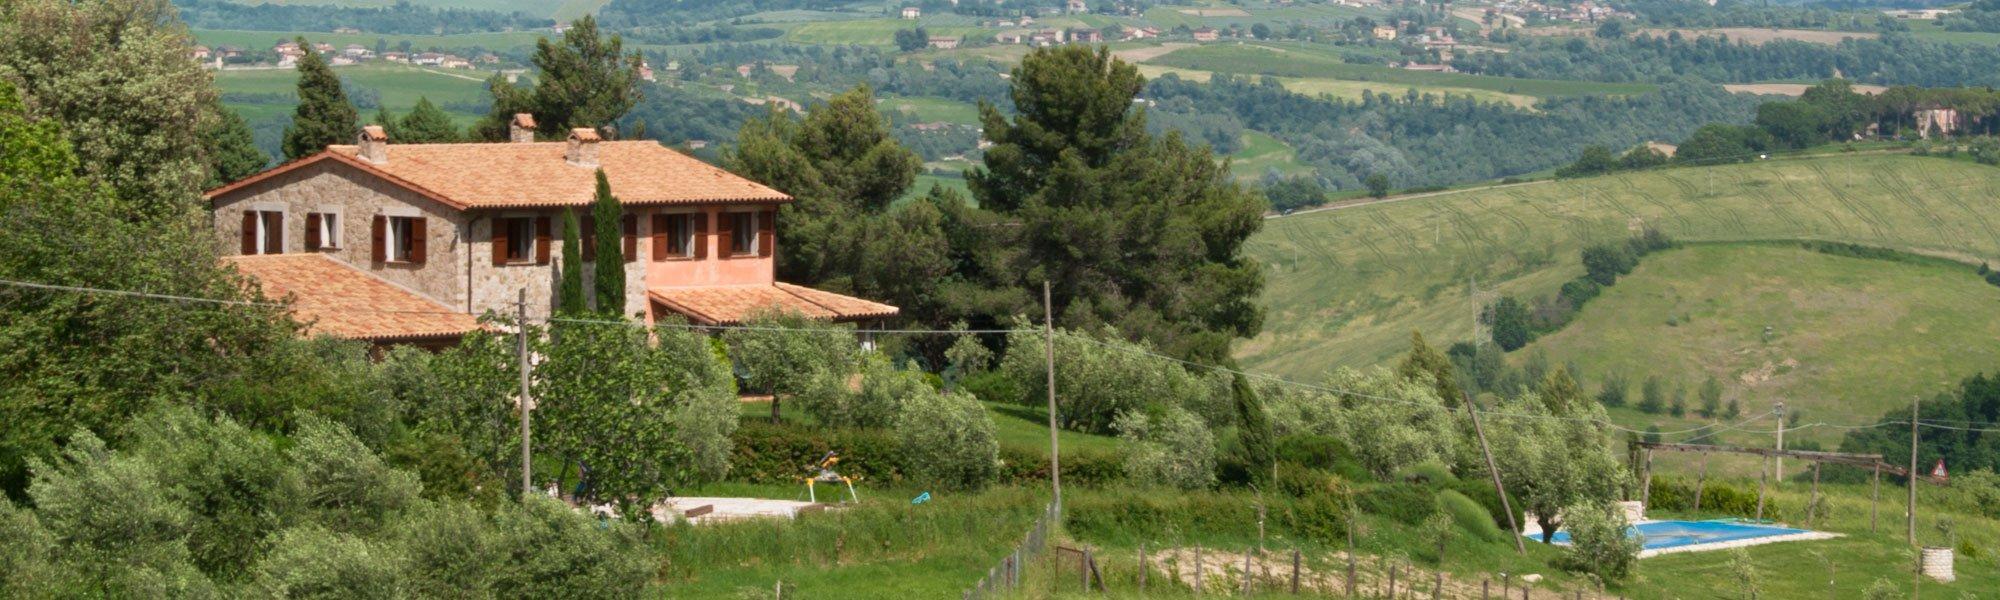 True-Umbria-Villa-Colibri_03